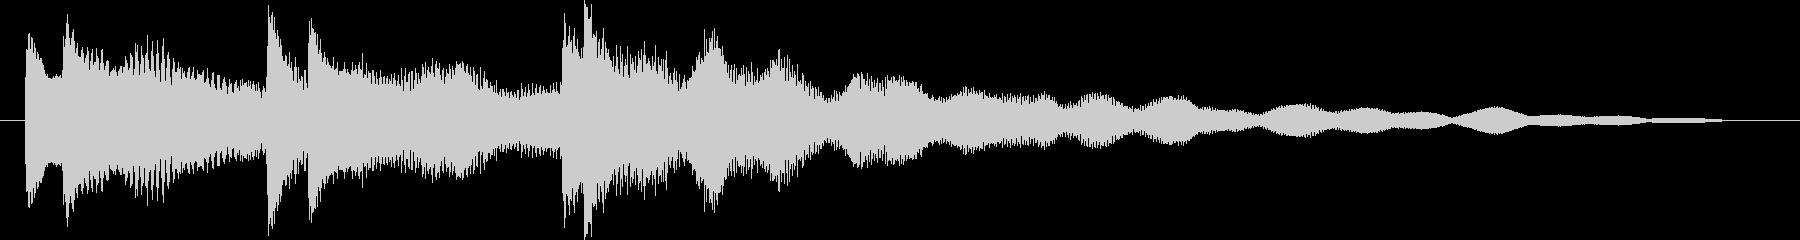 ティロンティロンティローンの未再生の波形